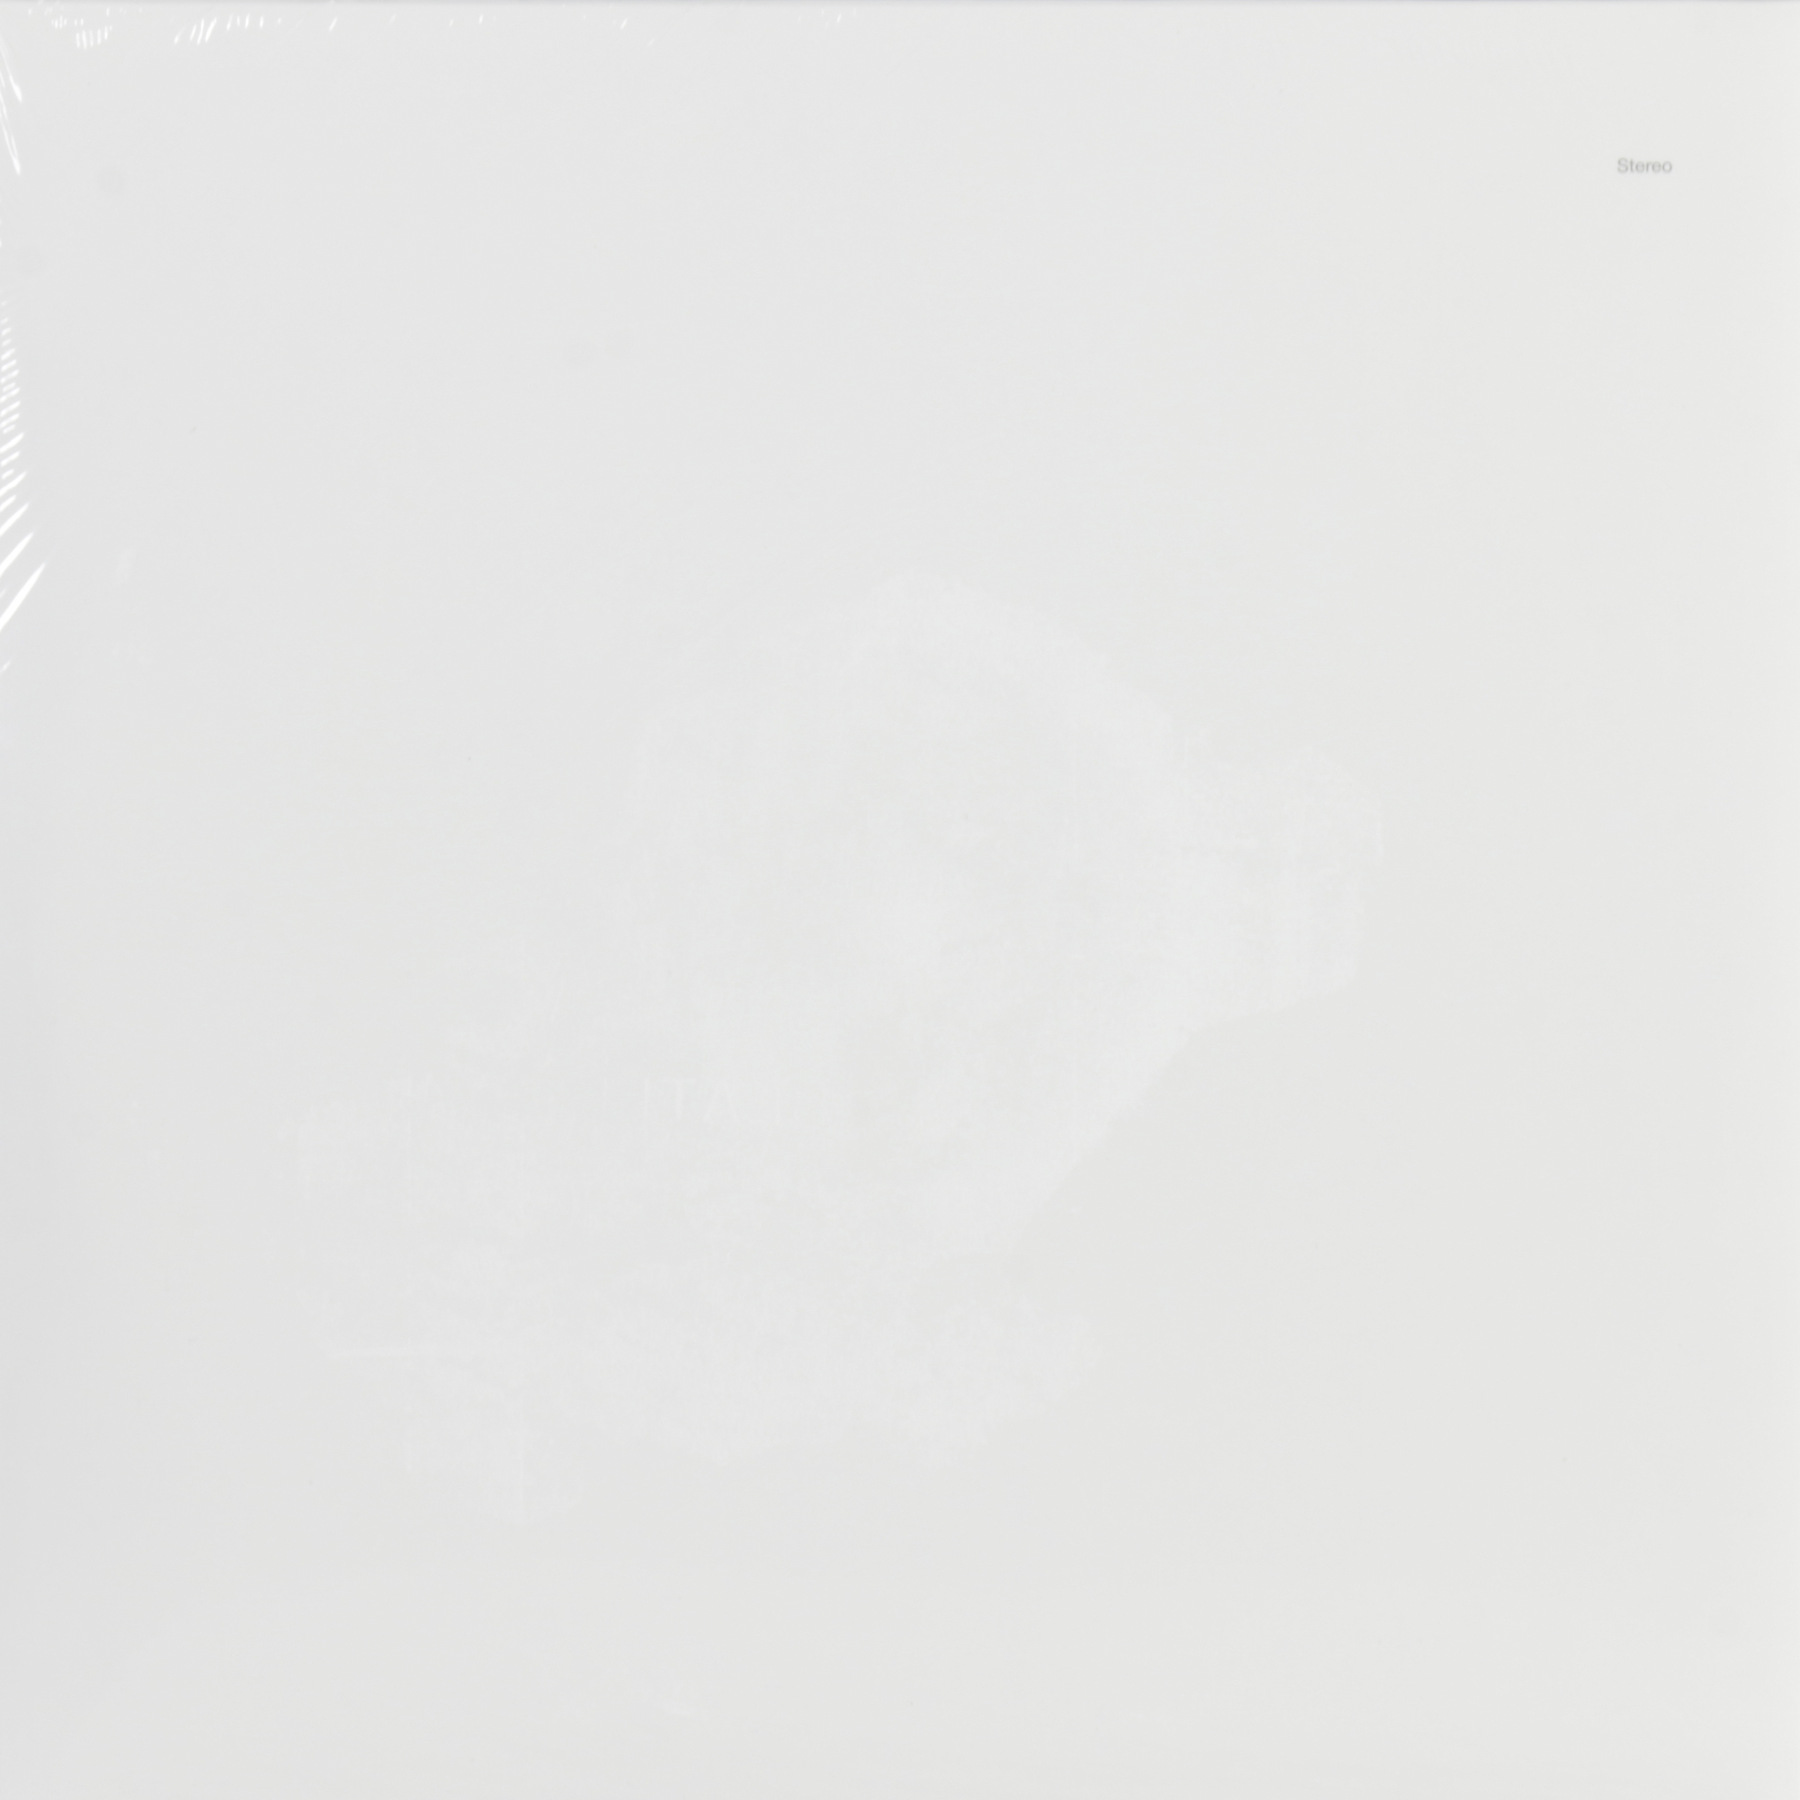 beatles__white_album_giles_martin_mix_2_